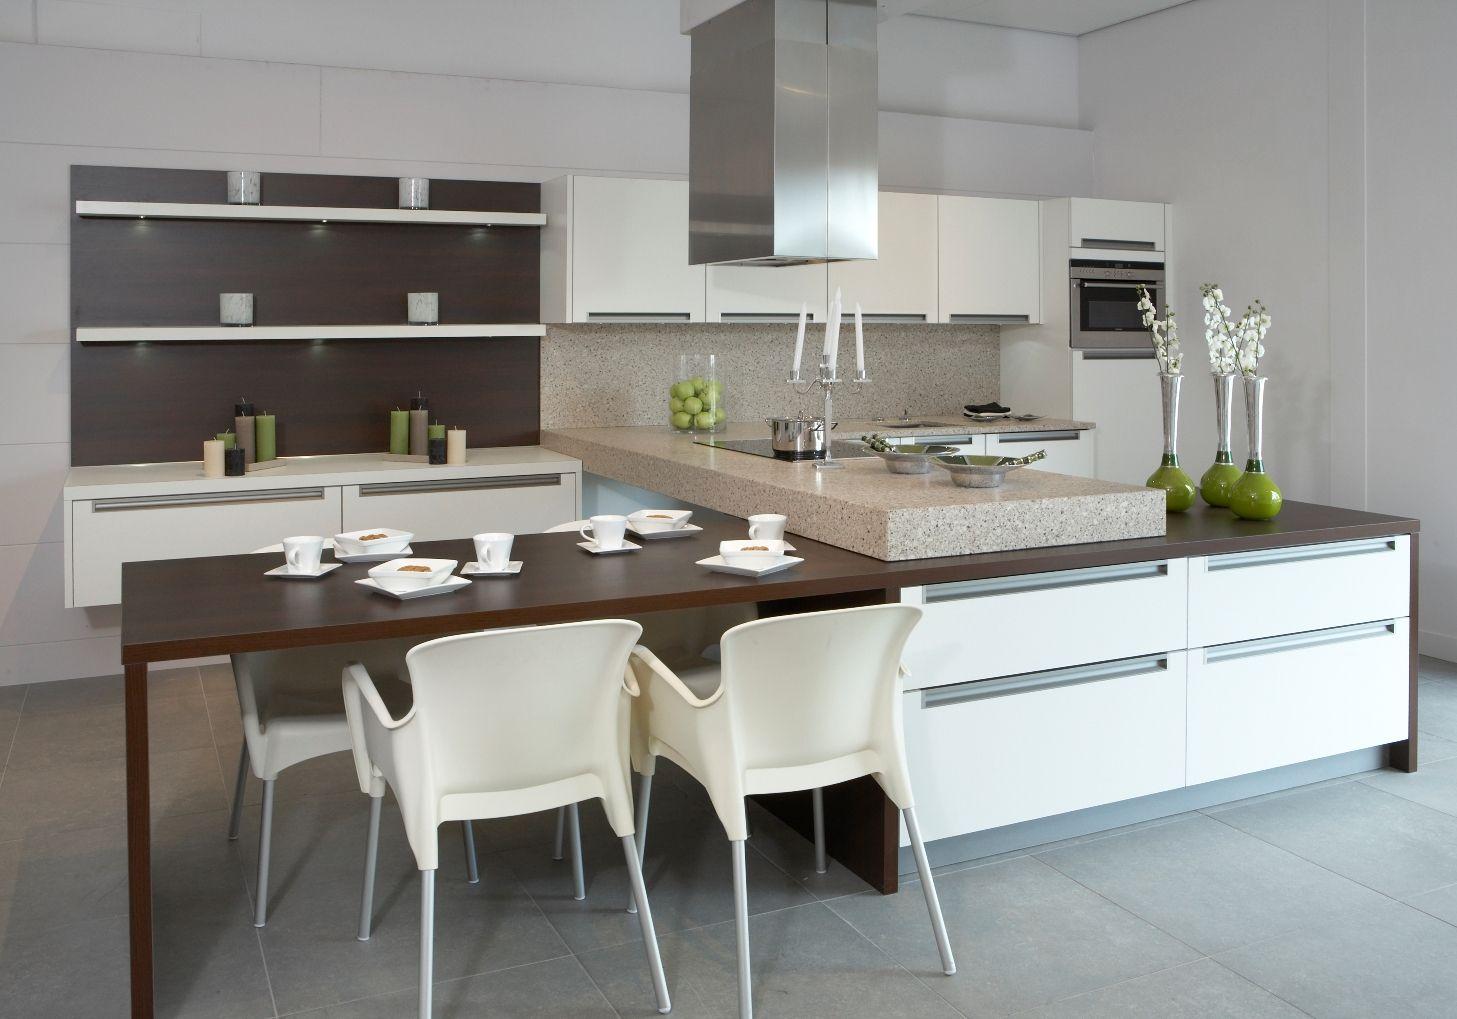 Ikea Hoge Tafel : Hoge keukentafel affordable landelijke eettafel wit met blank